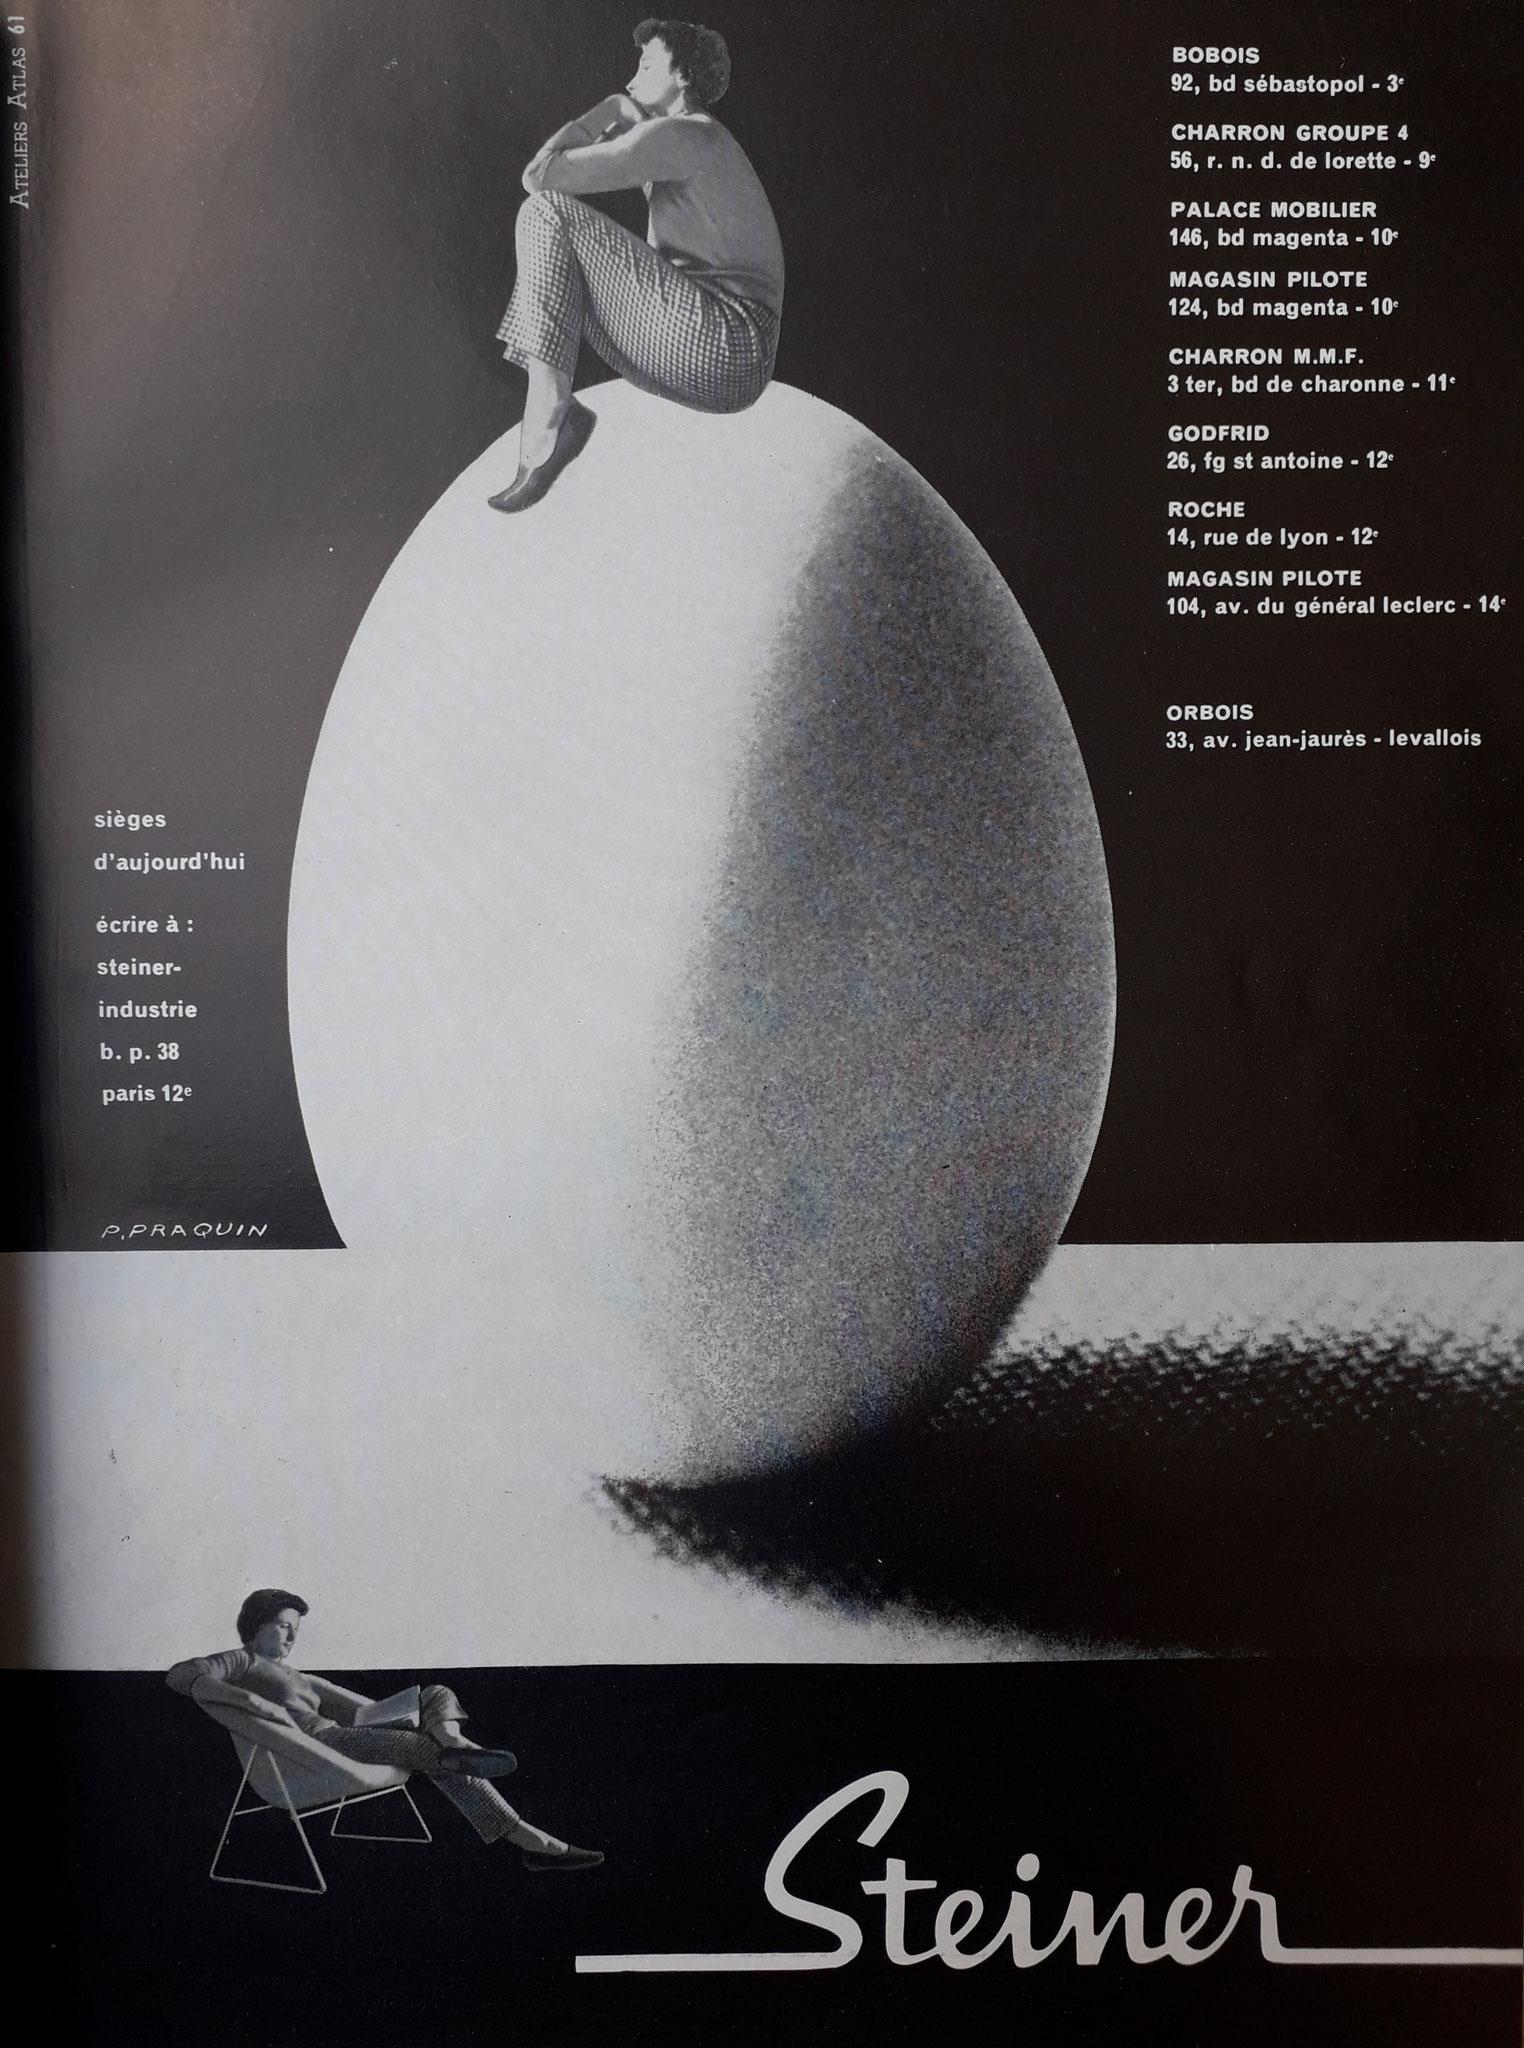 Publicité Steiner, c. 1956